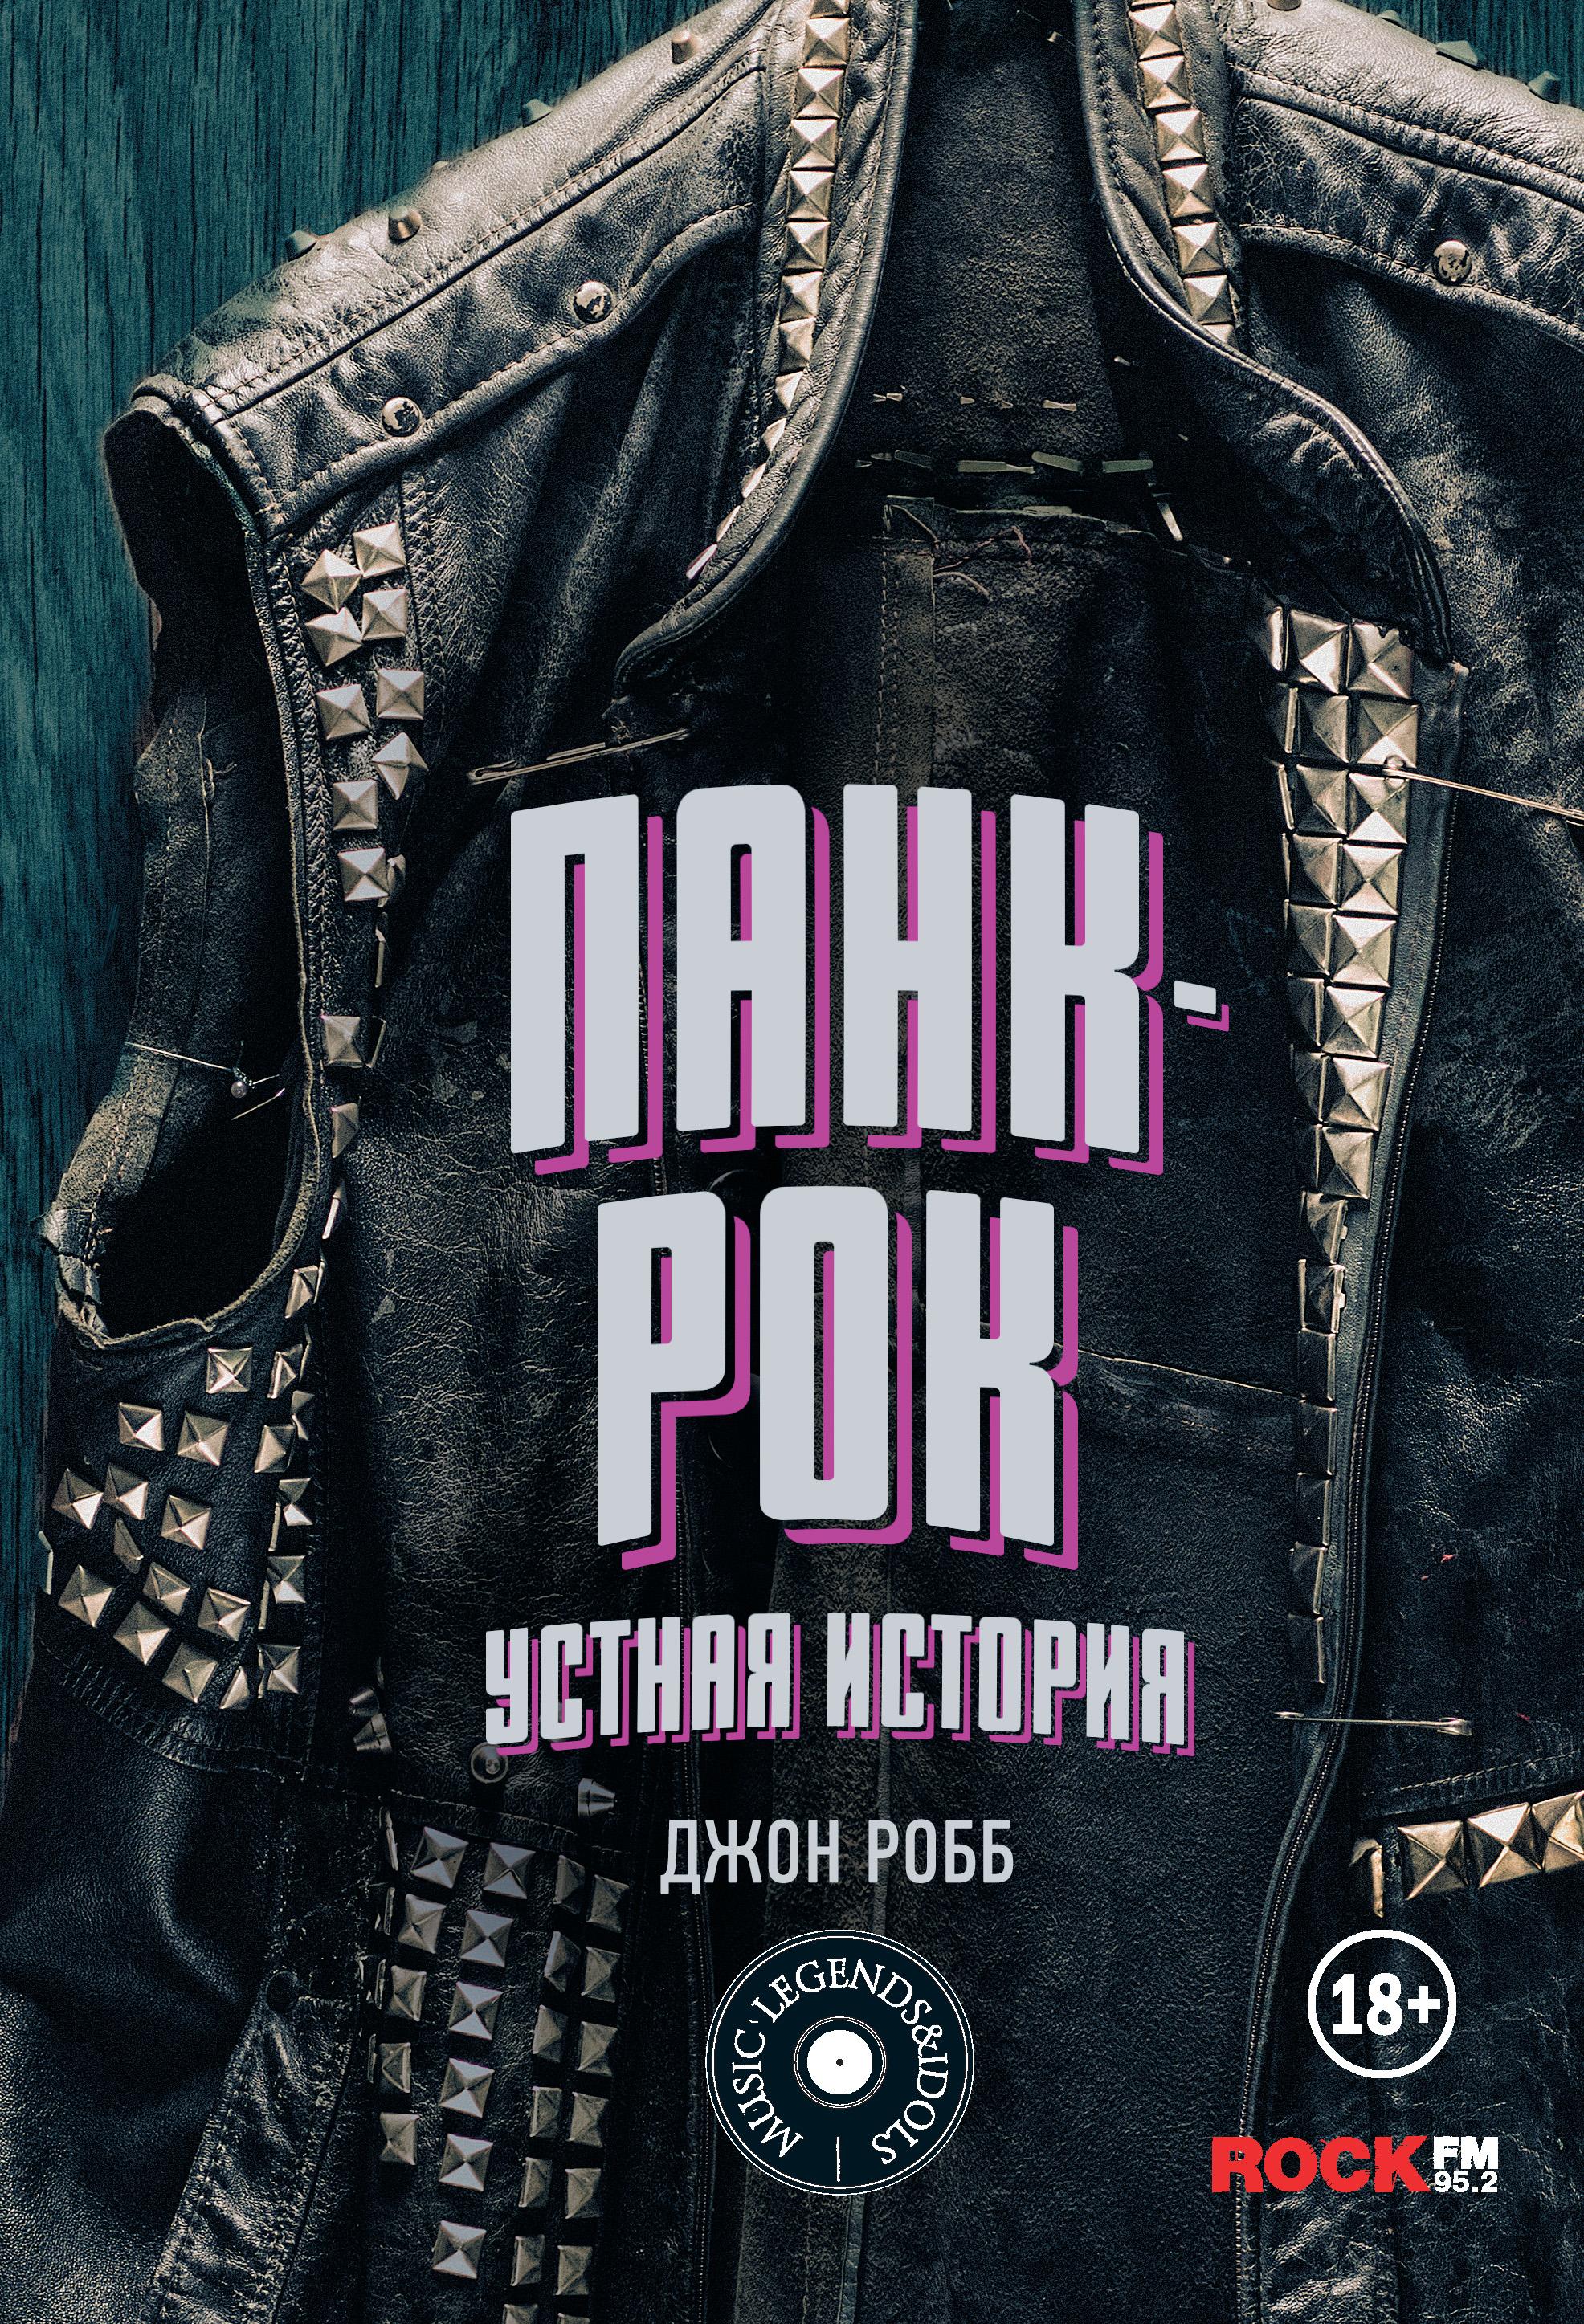 Джон Робб Панк-Рок: устная история